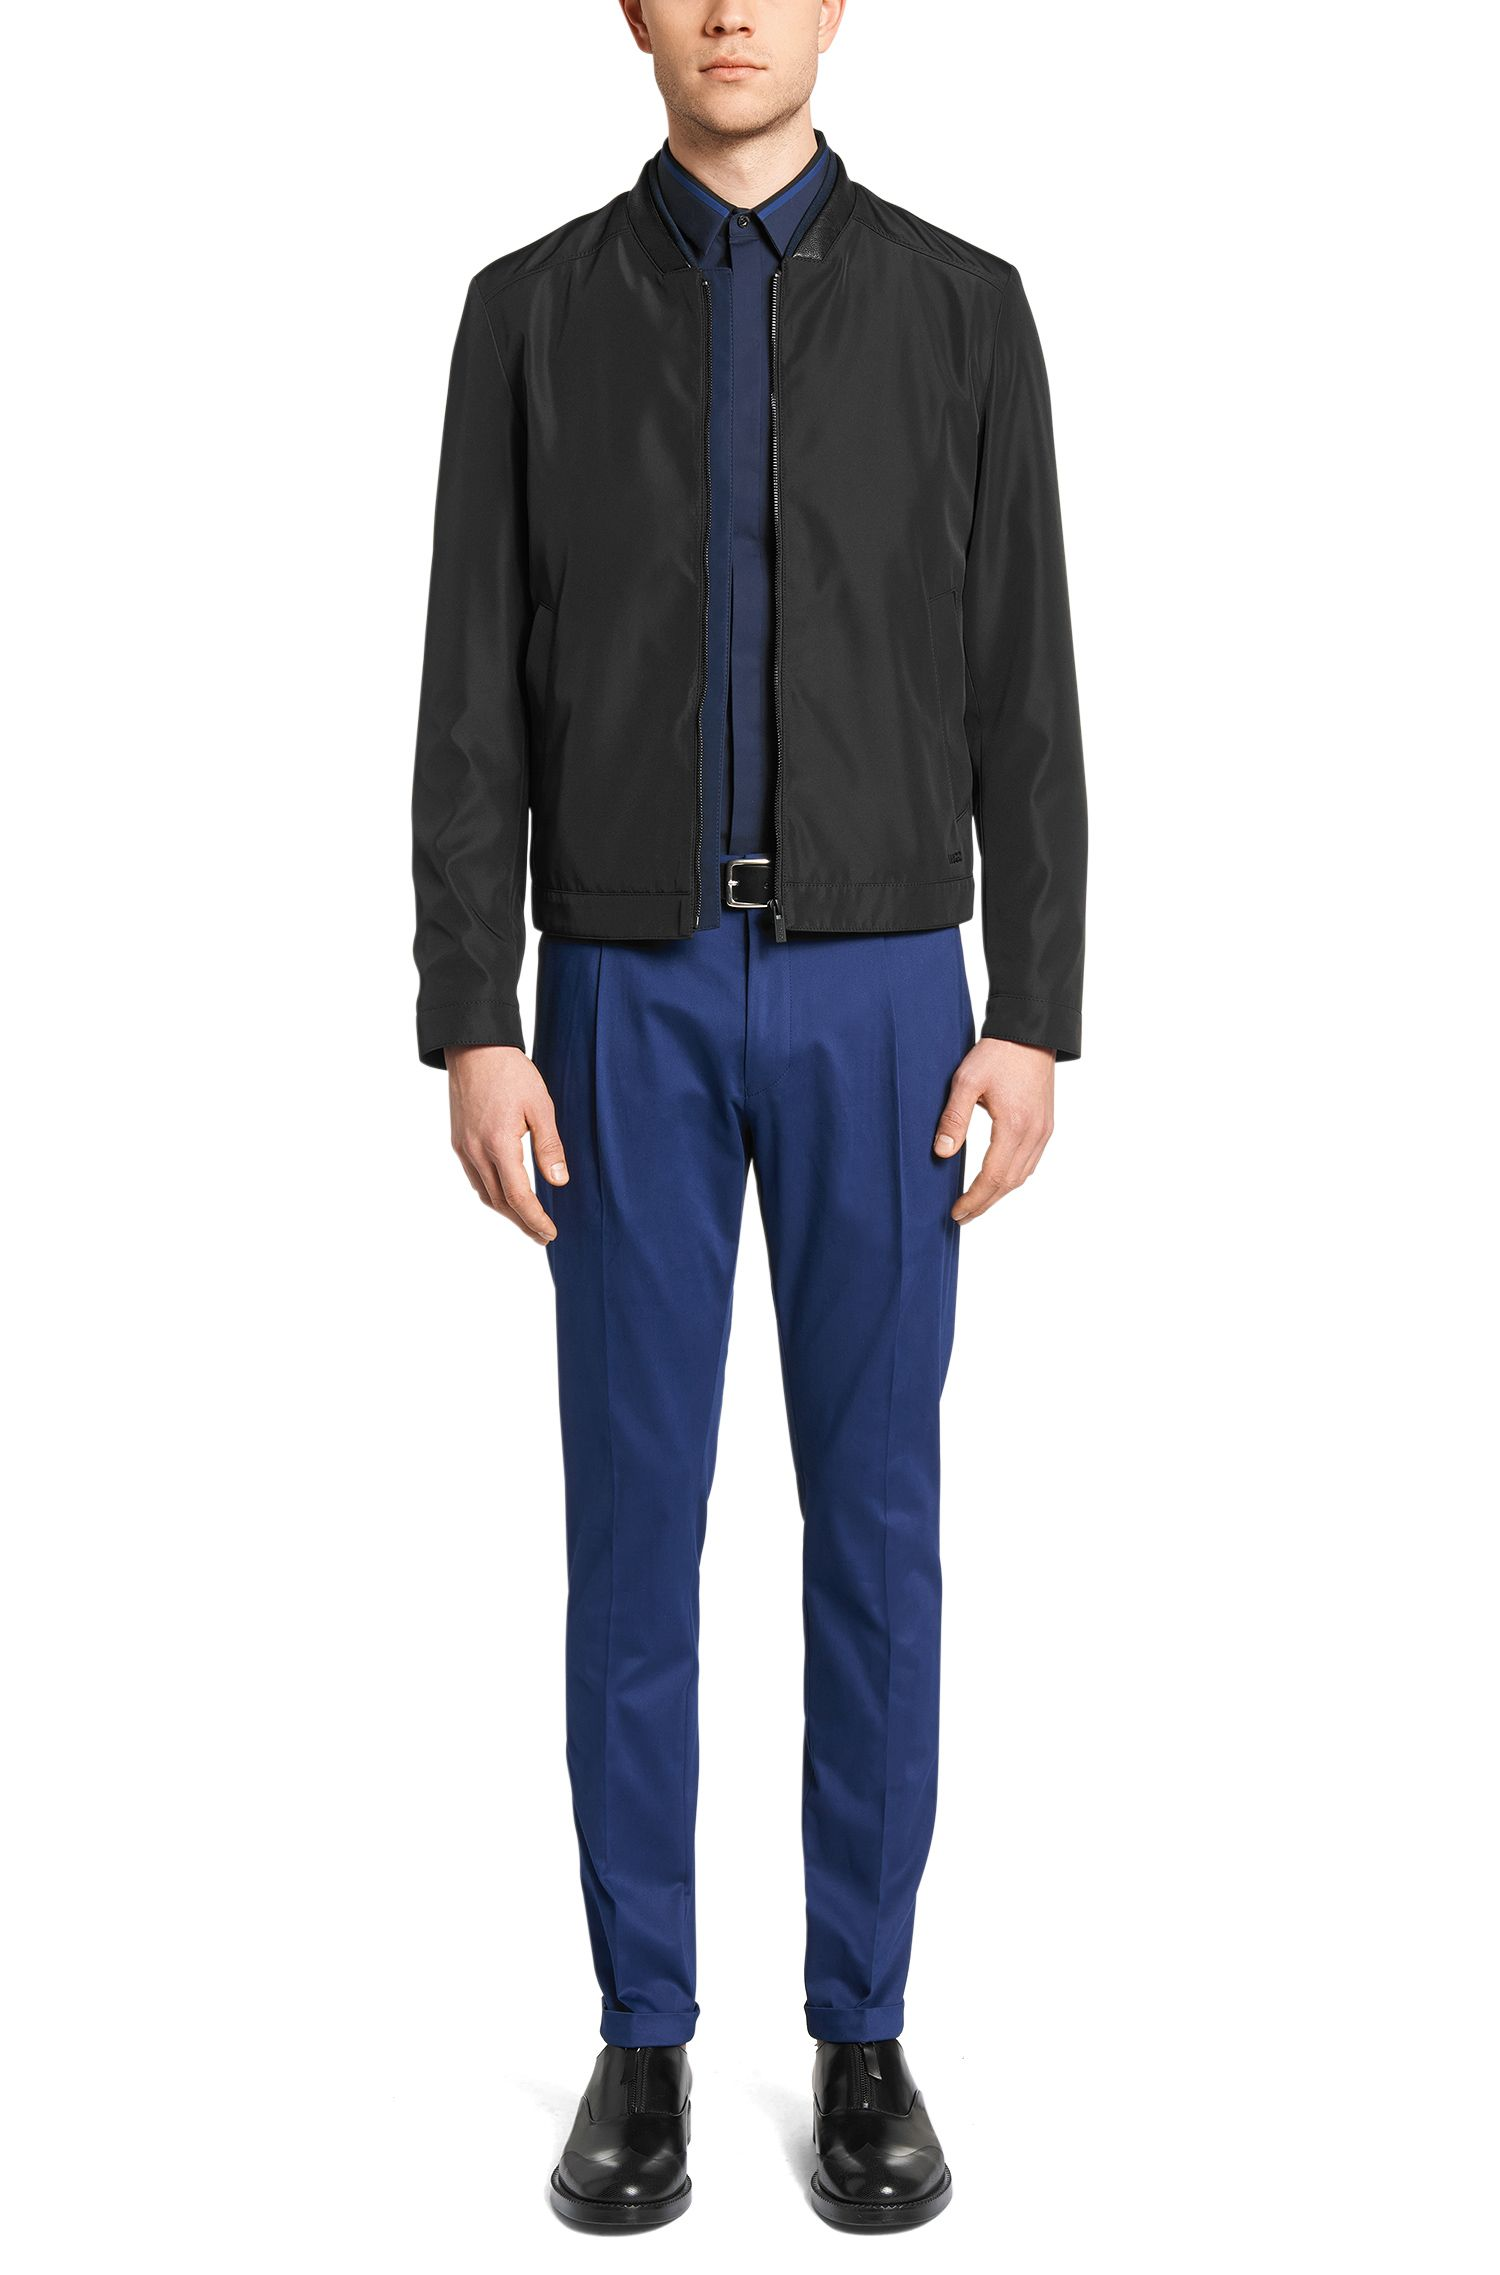 Regular-Fit Jacke aus wasserabweisendem Material: 'Balkin'